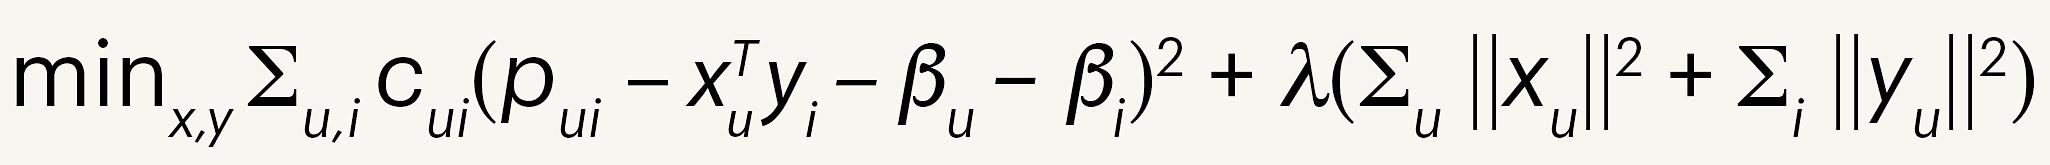 Немного сложной математики…